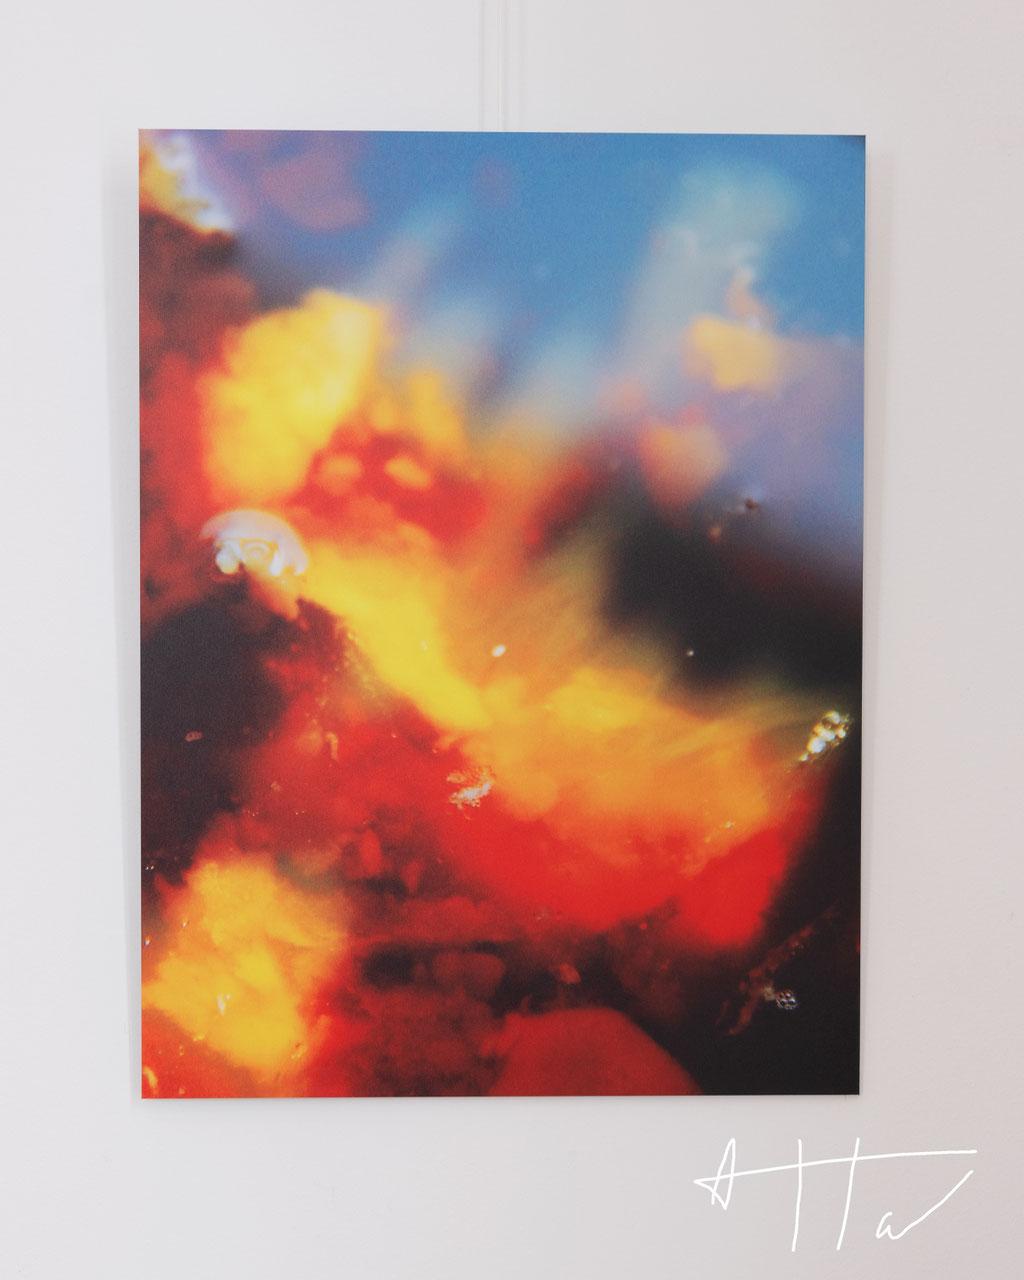 Untitled #9, aluminium dibond, 40 cm x 30 cm, series of 5 prints + 2 AP.